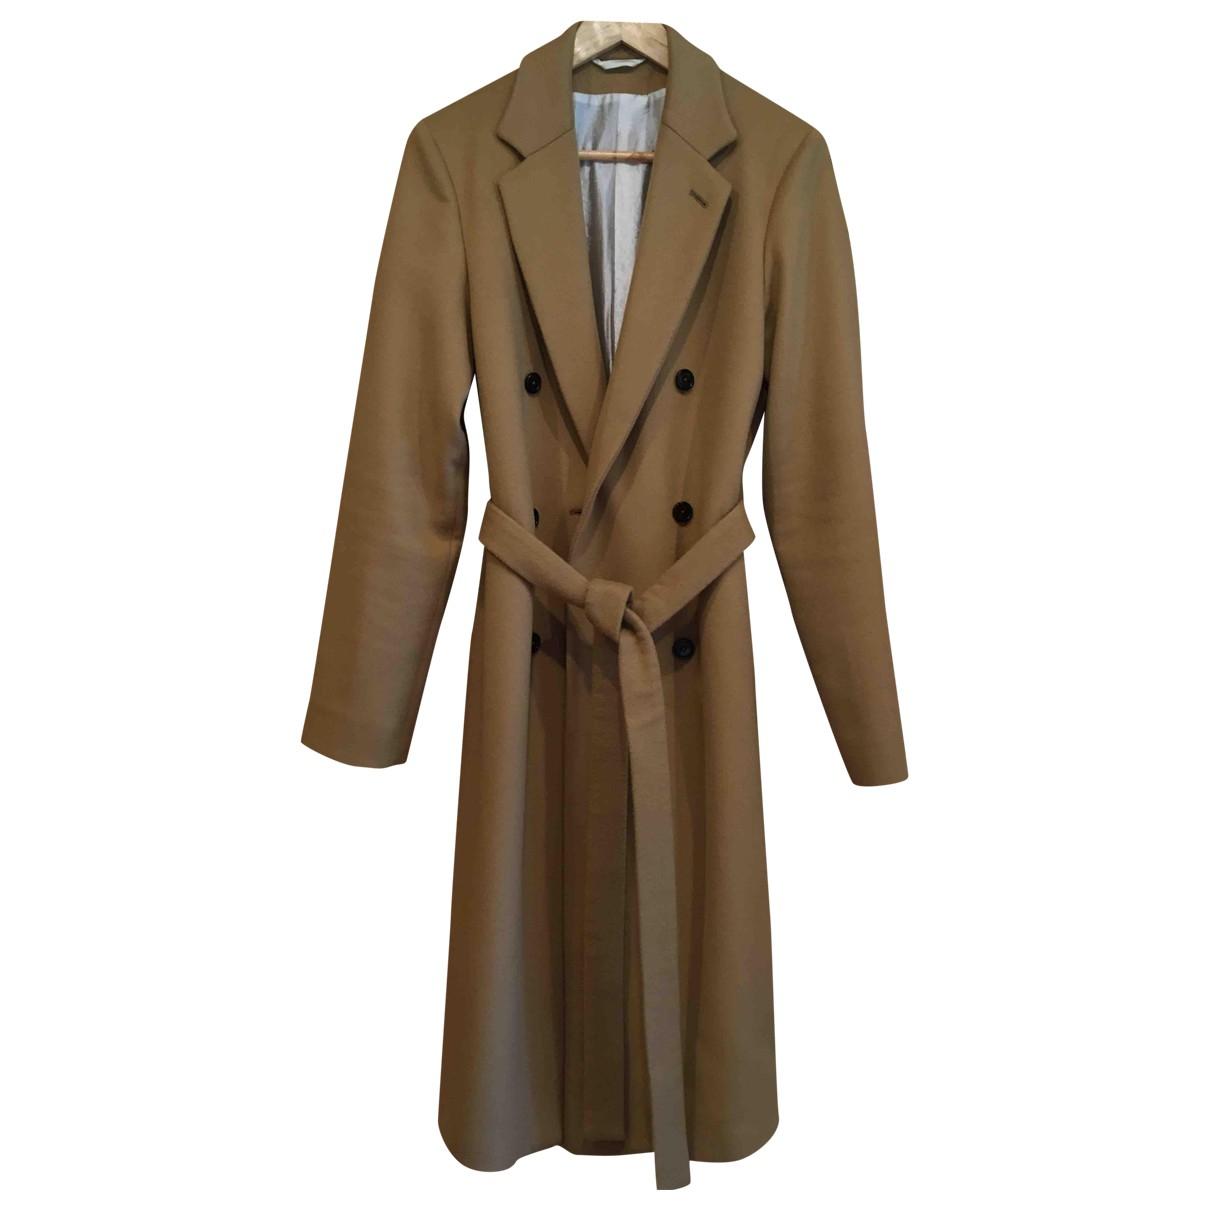 Ann Demeulemeester - Manteau   pour homme en cachemire - beige